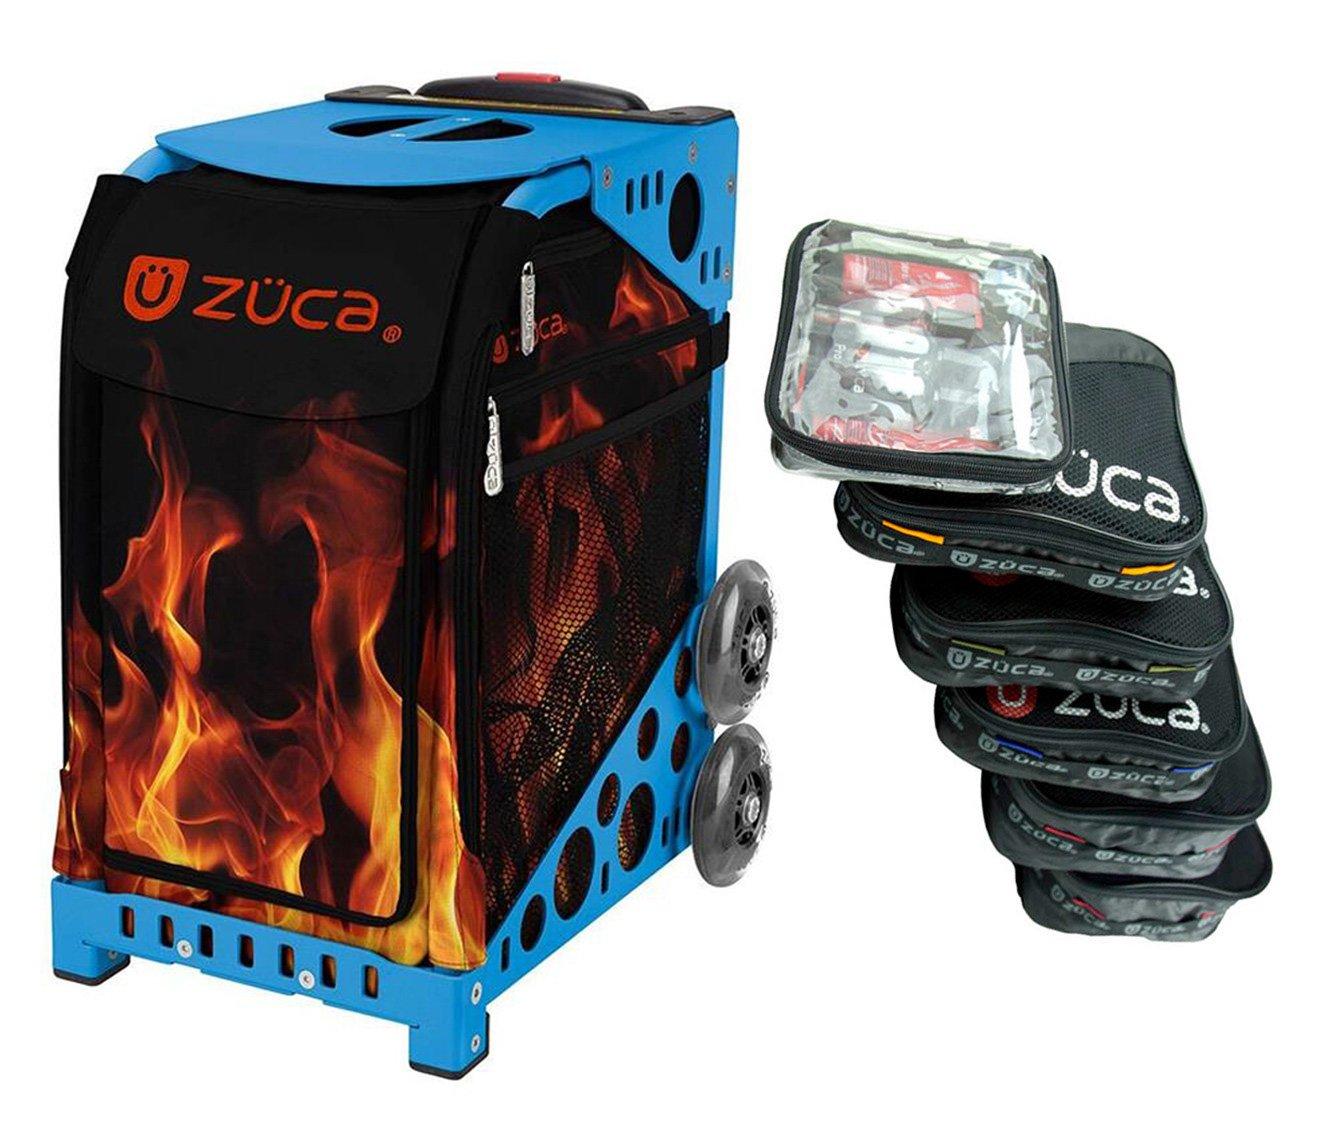 Zuca Blaze スポーツインサートバッグ アクセサリー付き (ブルーフレーム)